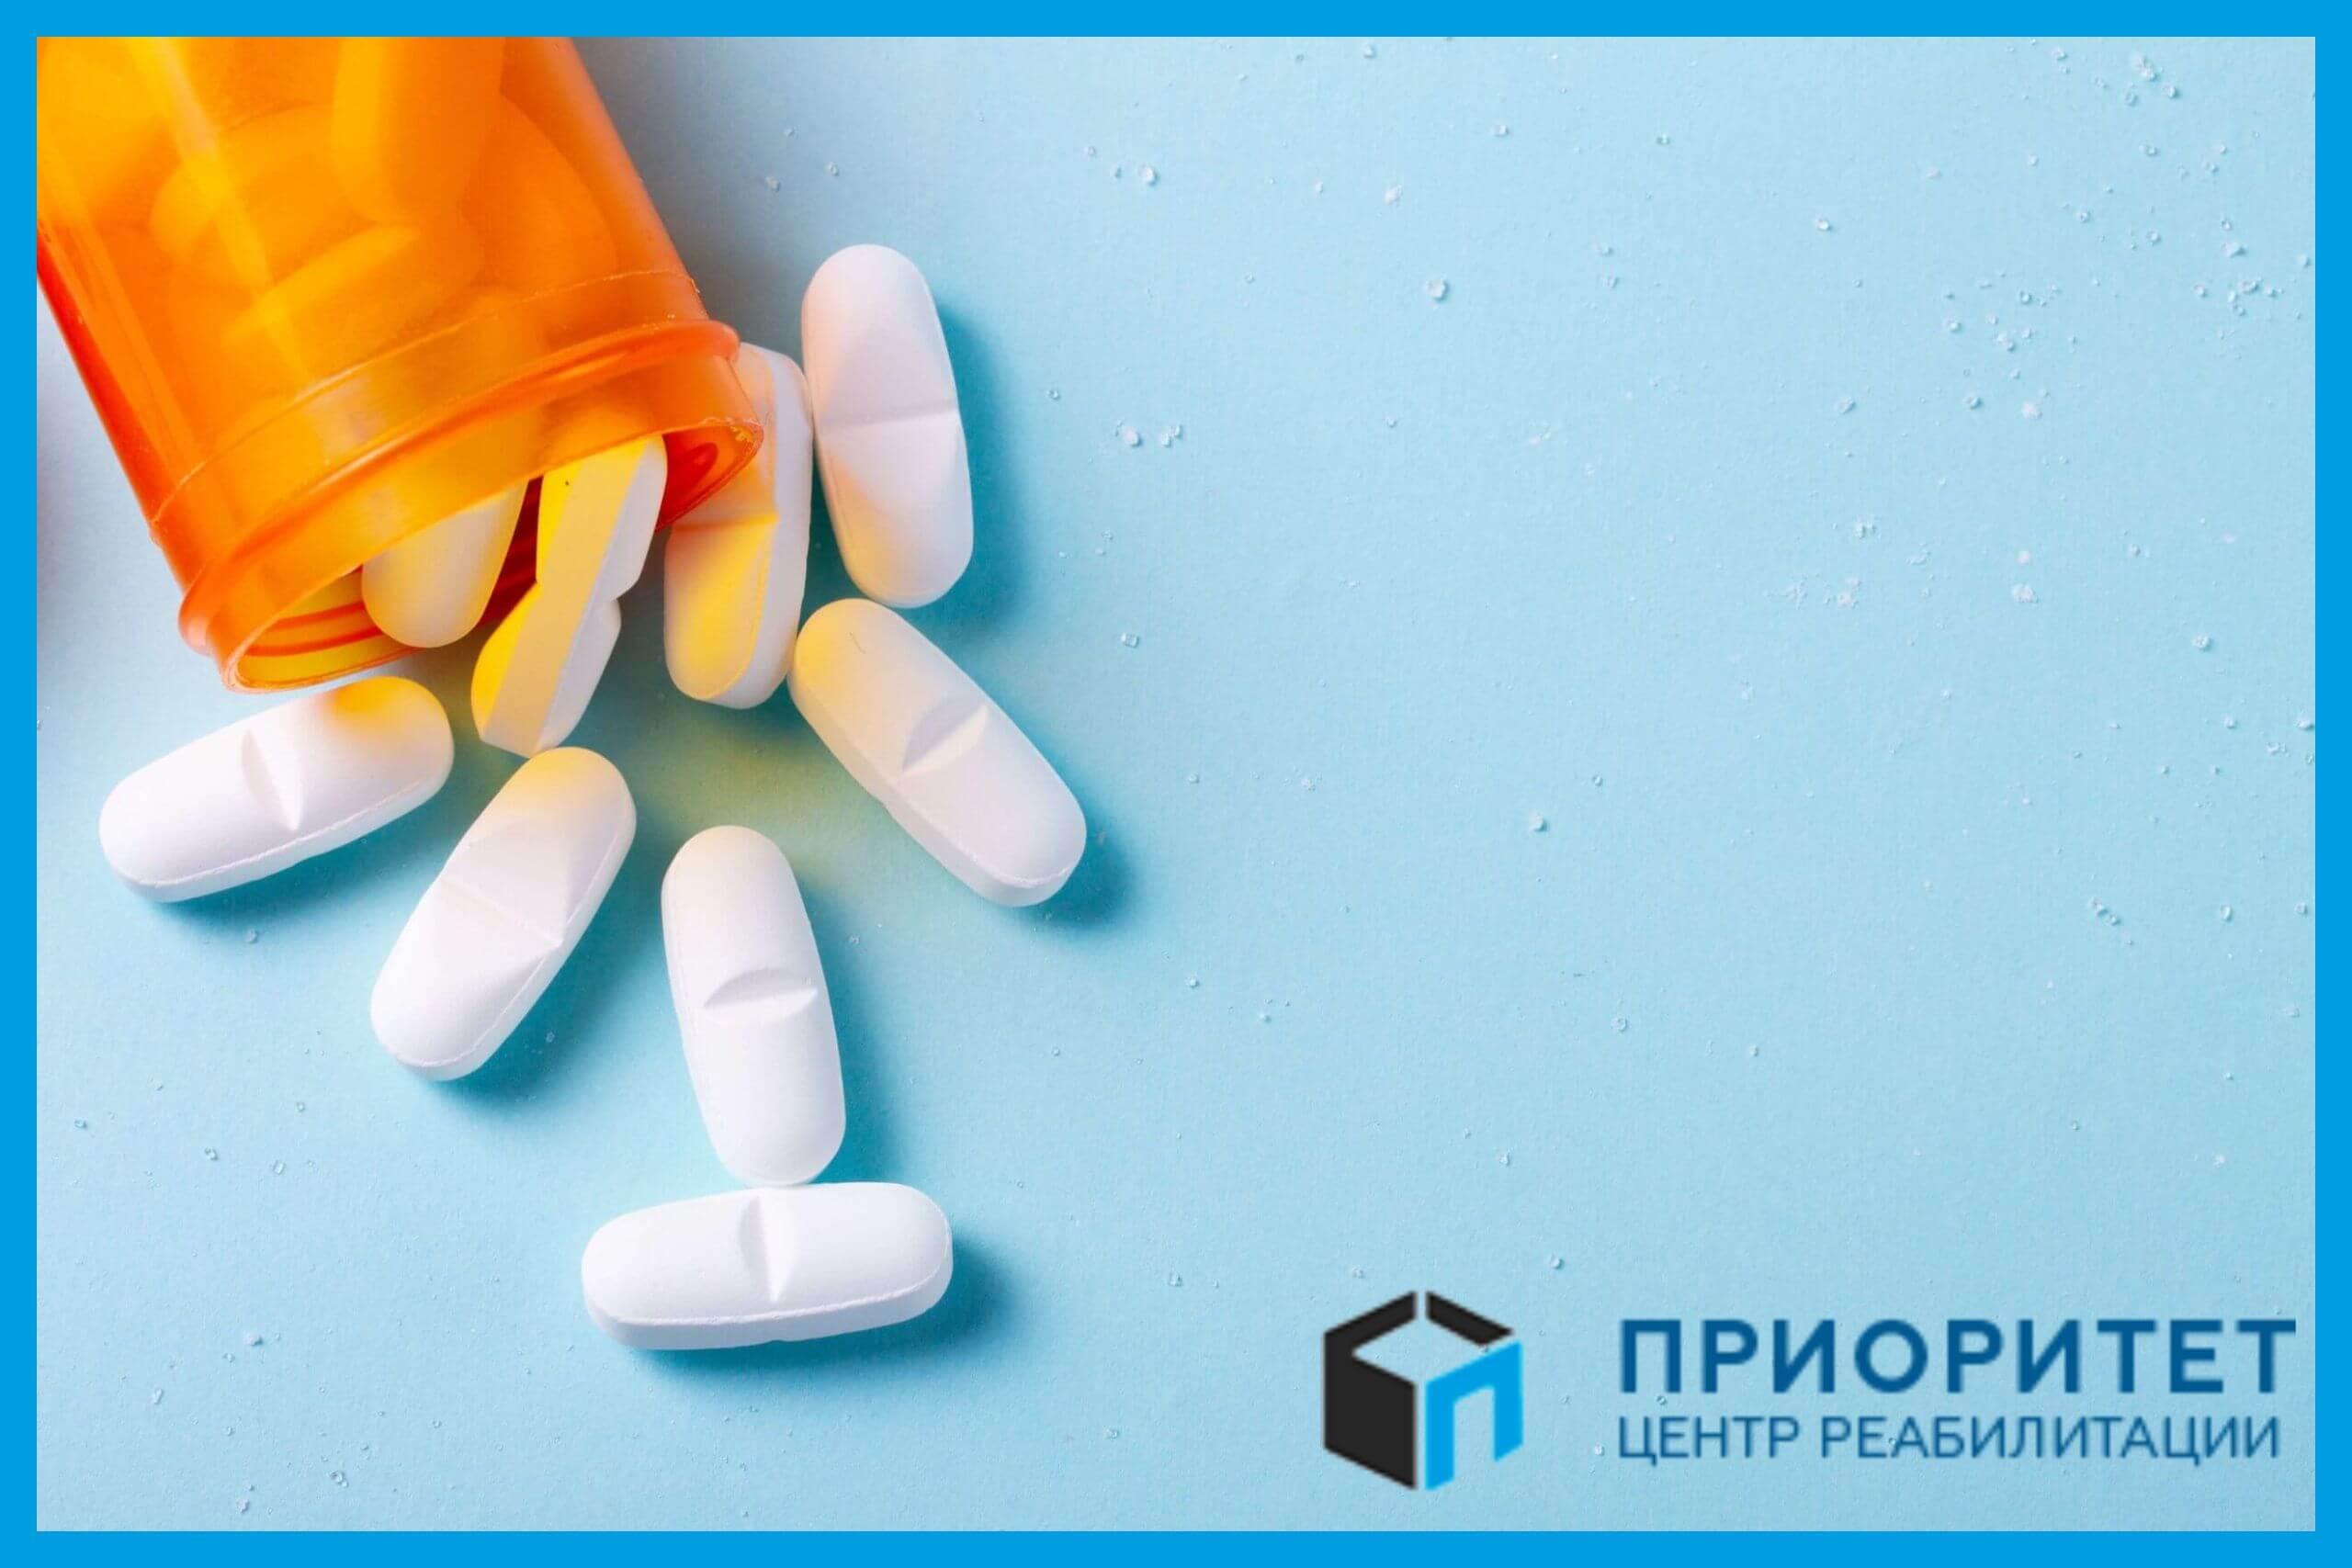 Лечение наркомании в Боярке